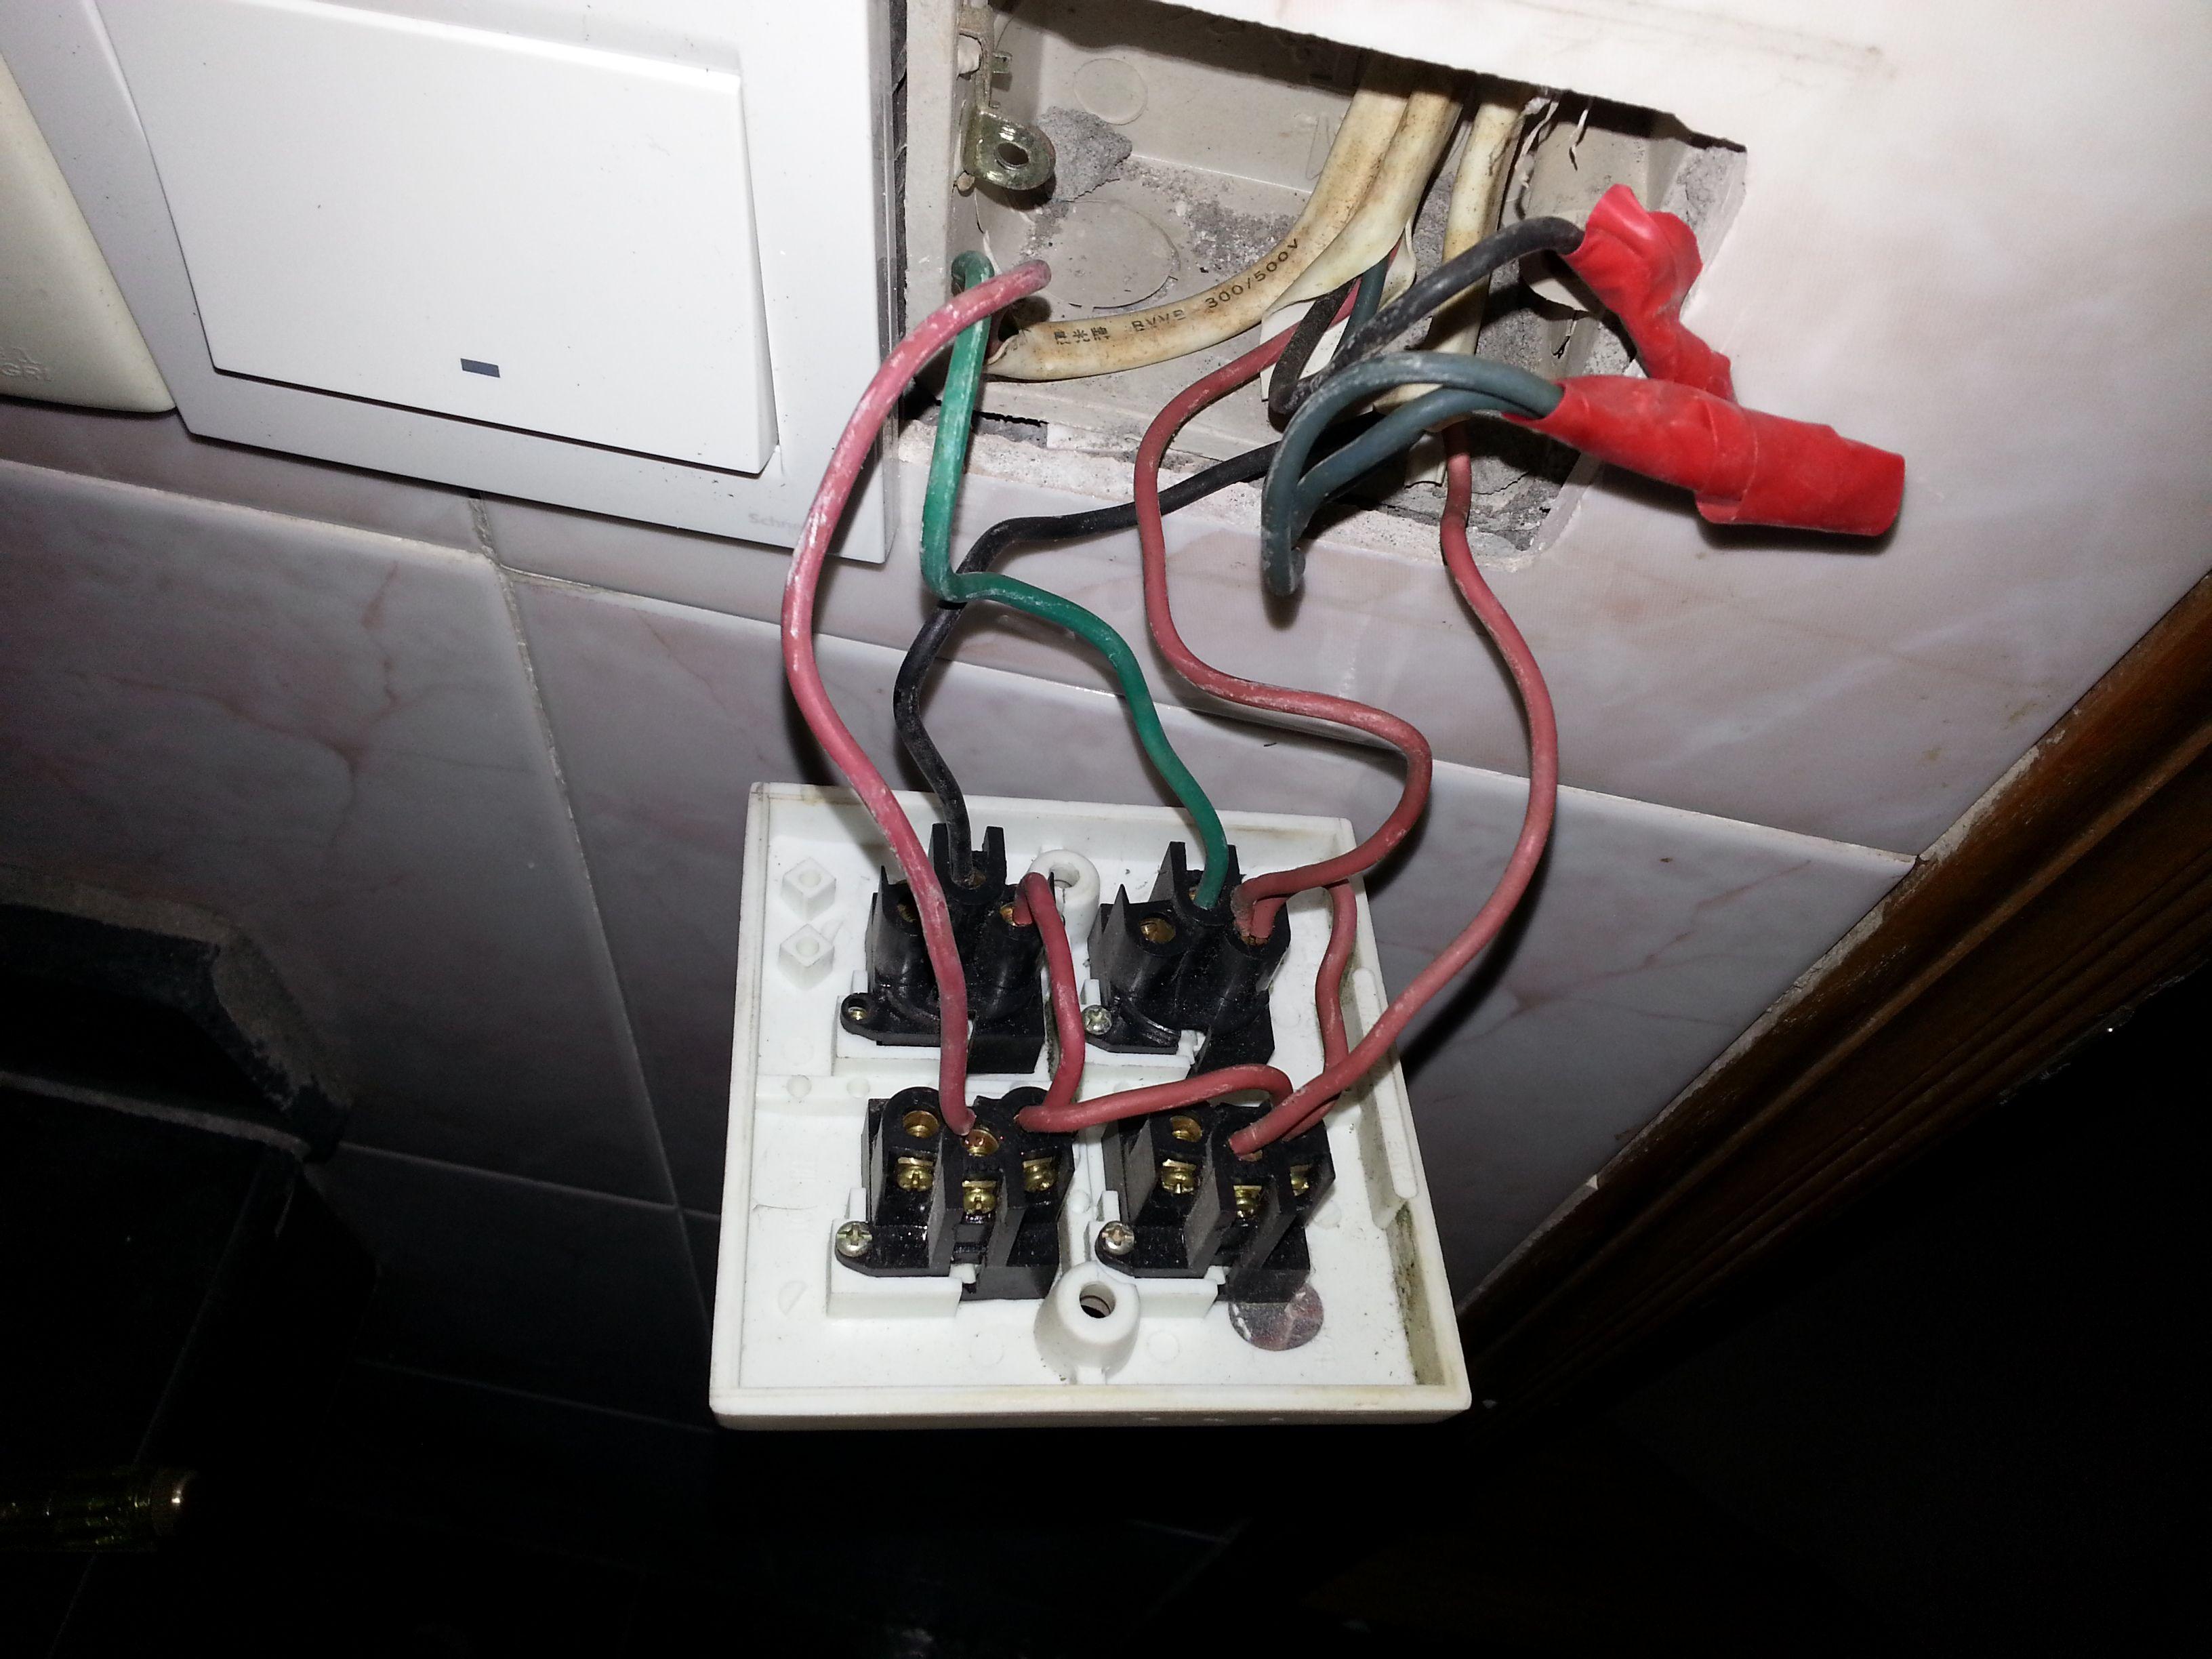 老的四位开关,分别联灯,排气扇和两个浴霸灯,现在要换新的,求接线方法